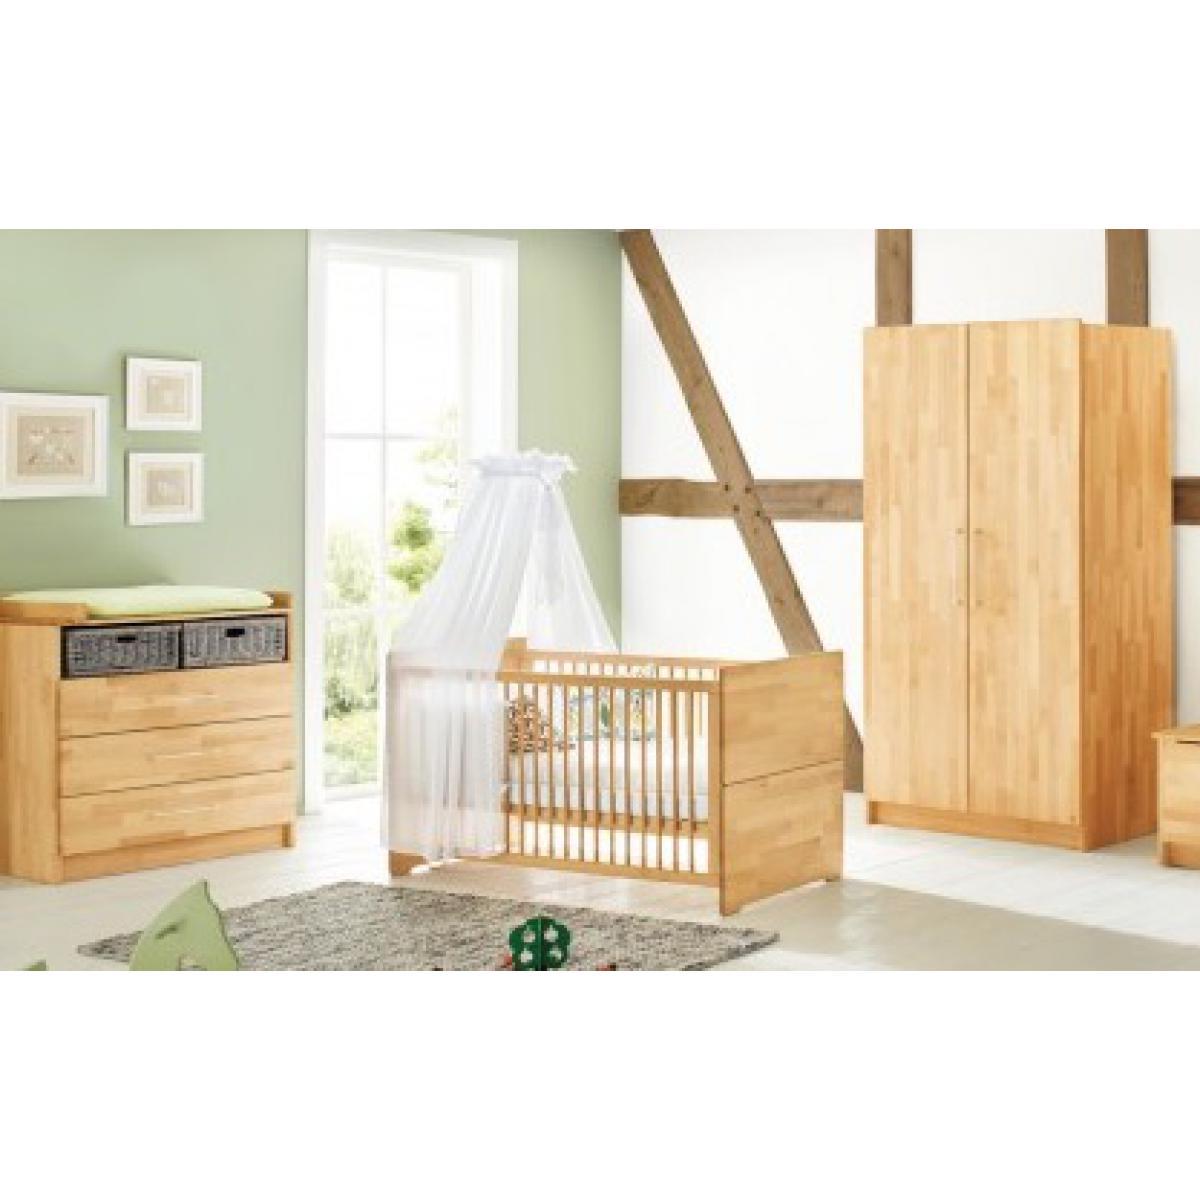 Pinolino Pinolino Chambre de bébé Natura 3 pièces lit de bébé évolutif commode à langer armoire à 2 portes